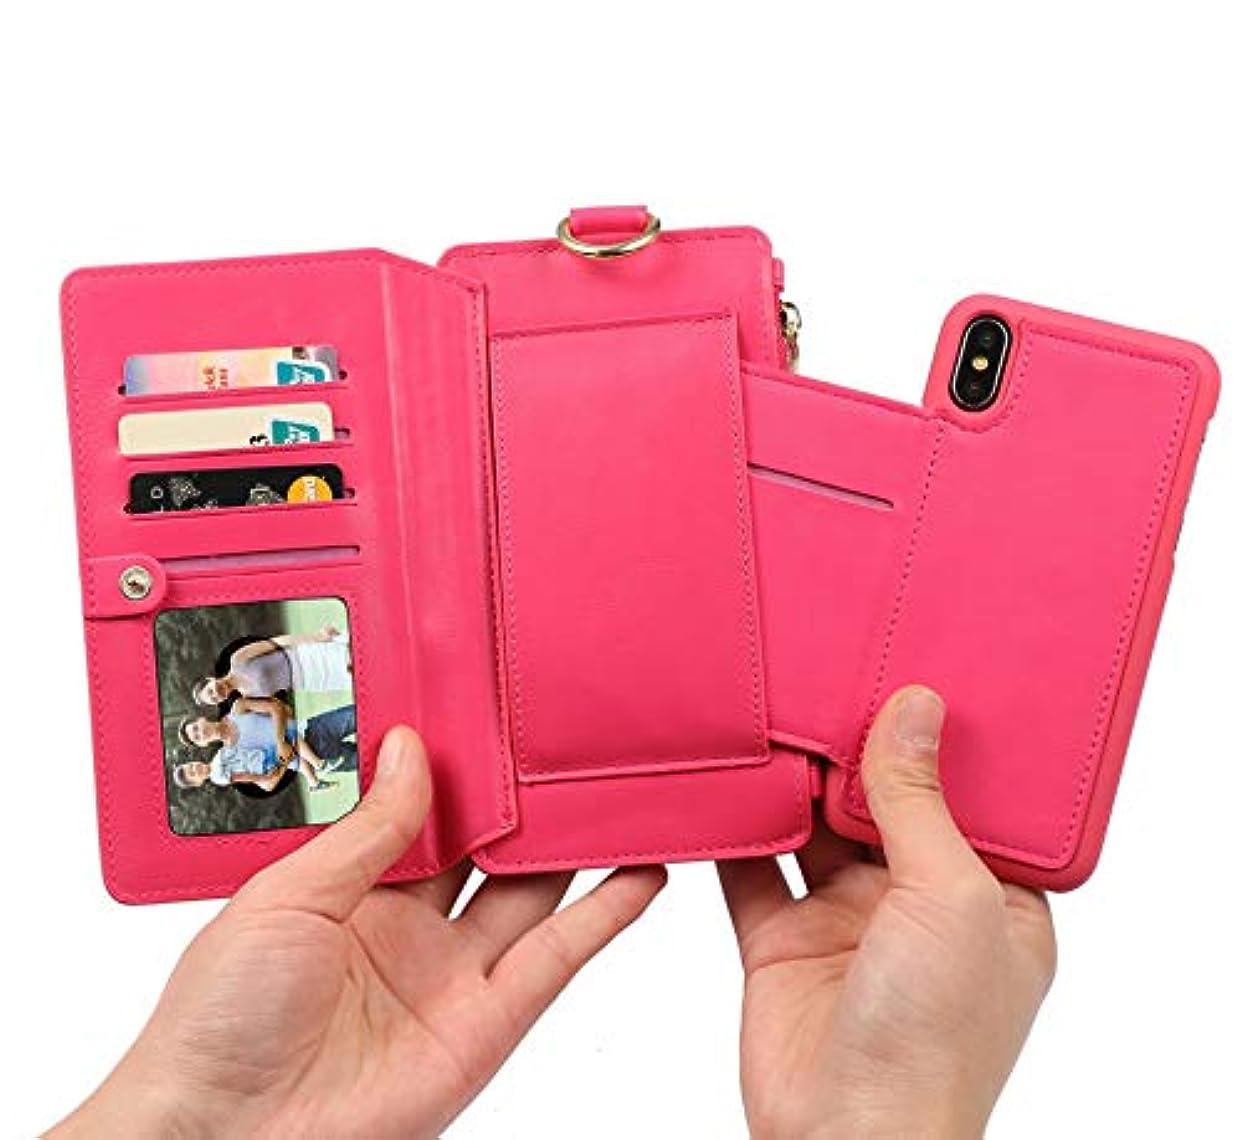 滑る商品戦略iPhone 8 Plus パソコンExit包保護套 - 折りたたみ保護袖 - 立ちブラケット-ビジネススタイル-全身保護-内殻金属リング-12札入れ-相枠-取り外し可能な電話ケース財布 5.5インチiPhone 7 Plus...